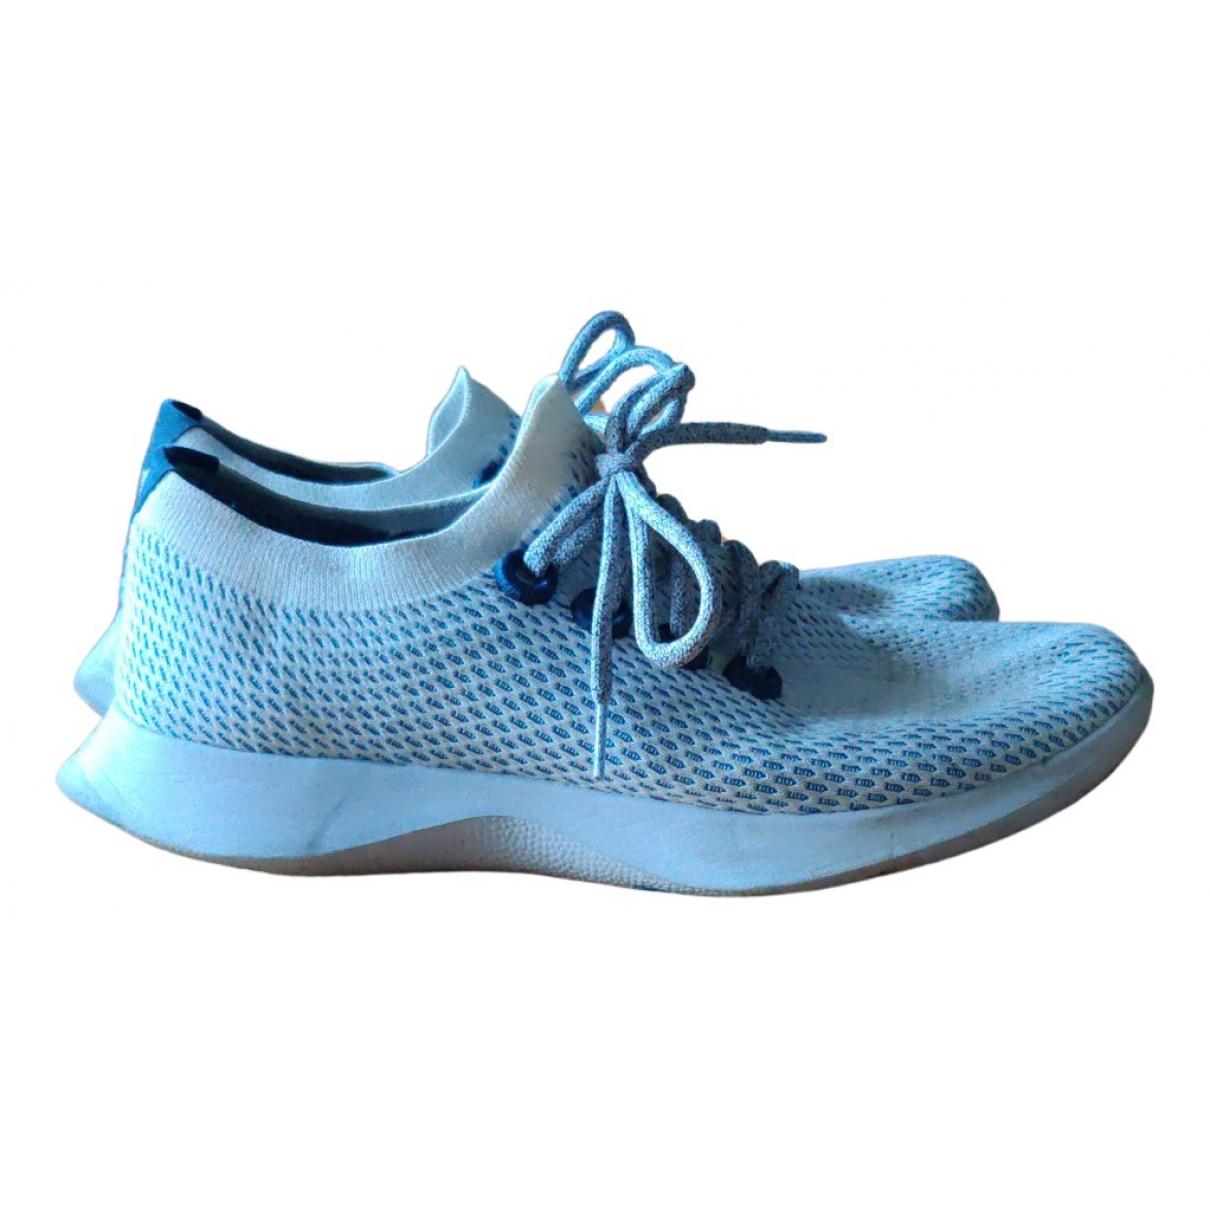 Allbirds \N Sneakers Blau